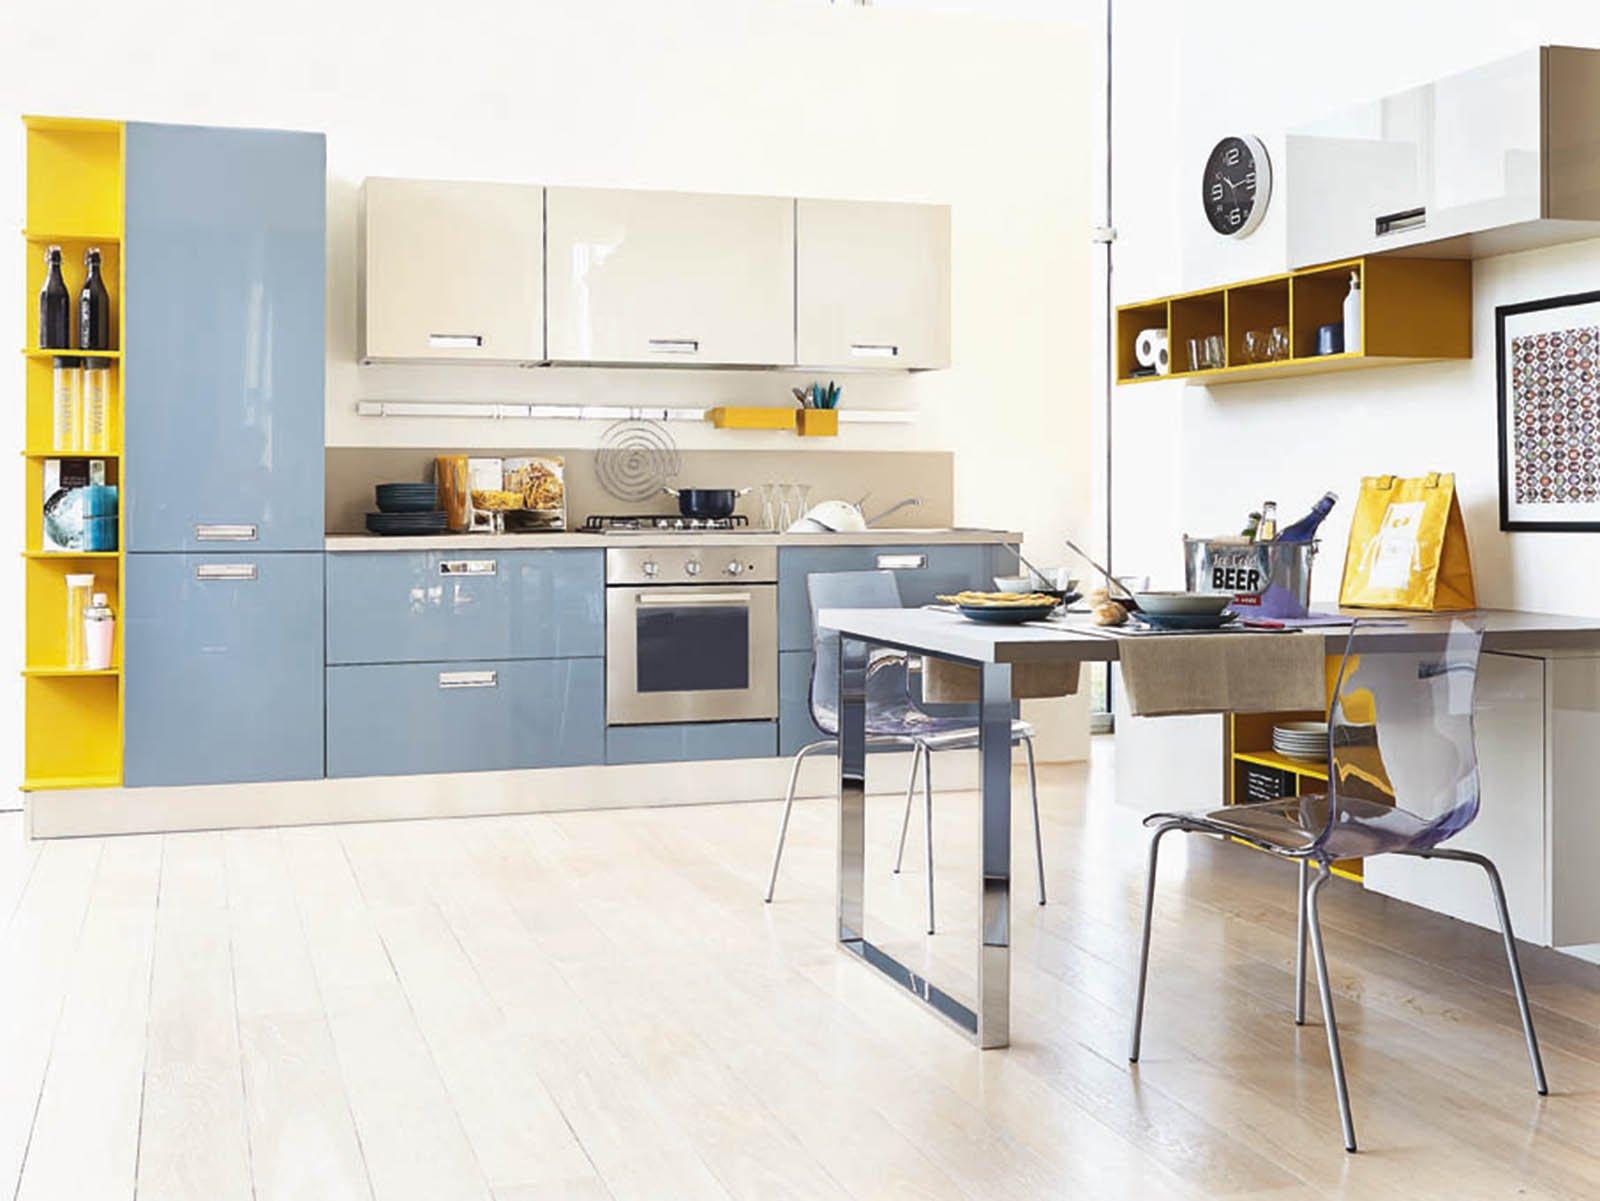 Moduli cucine free ata cucine with moduli cucine great moduli with moduli cucine free disegno - Moduli per cucine componibili ...